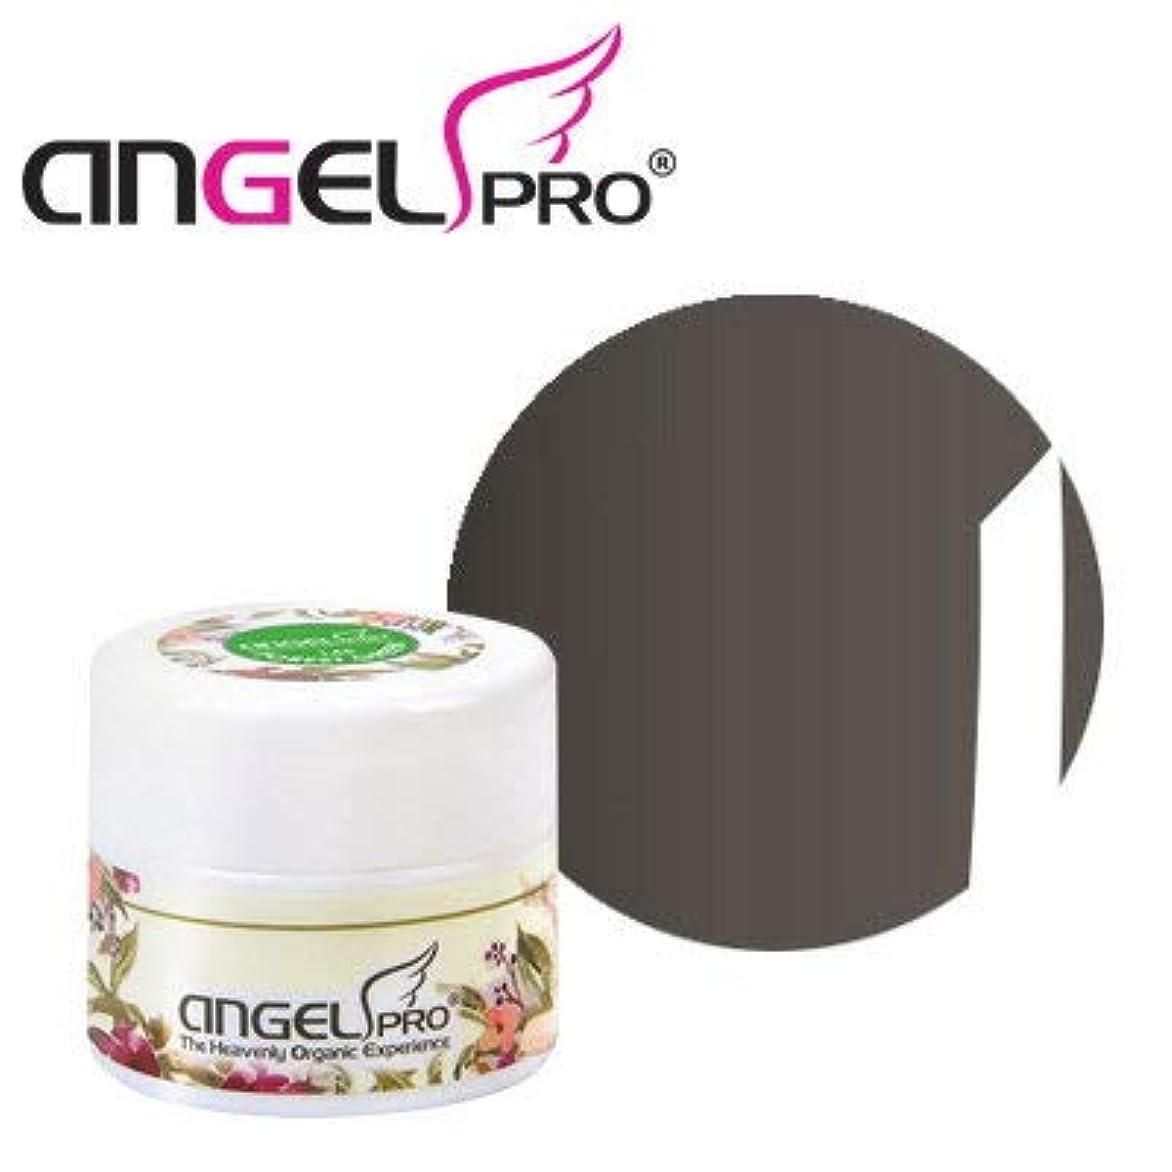 ANGEL PRO ポットジェリー #15 PEBBLE 4g